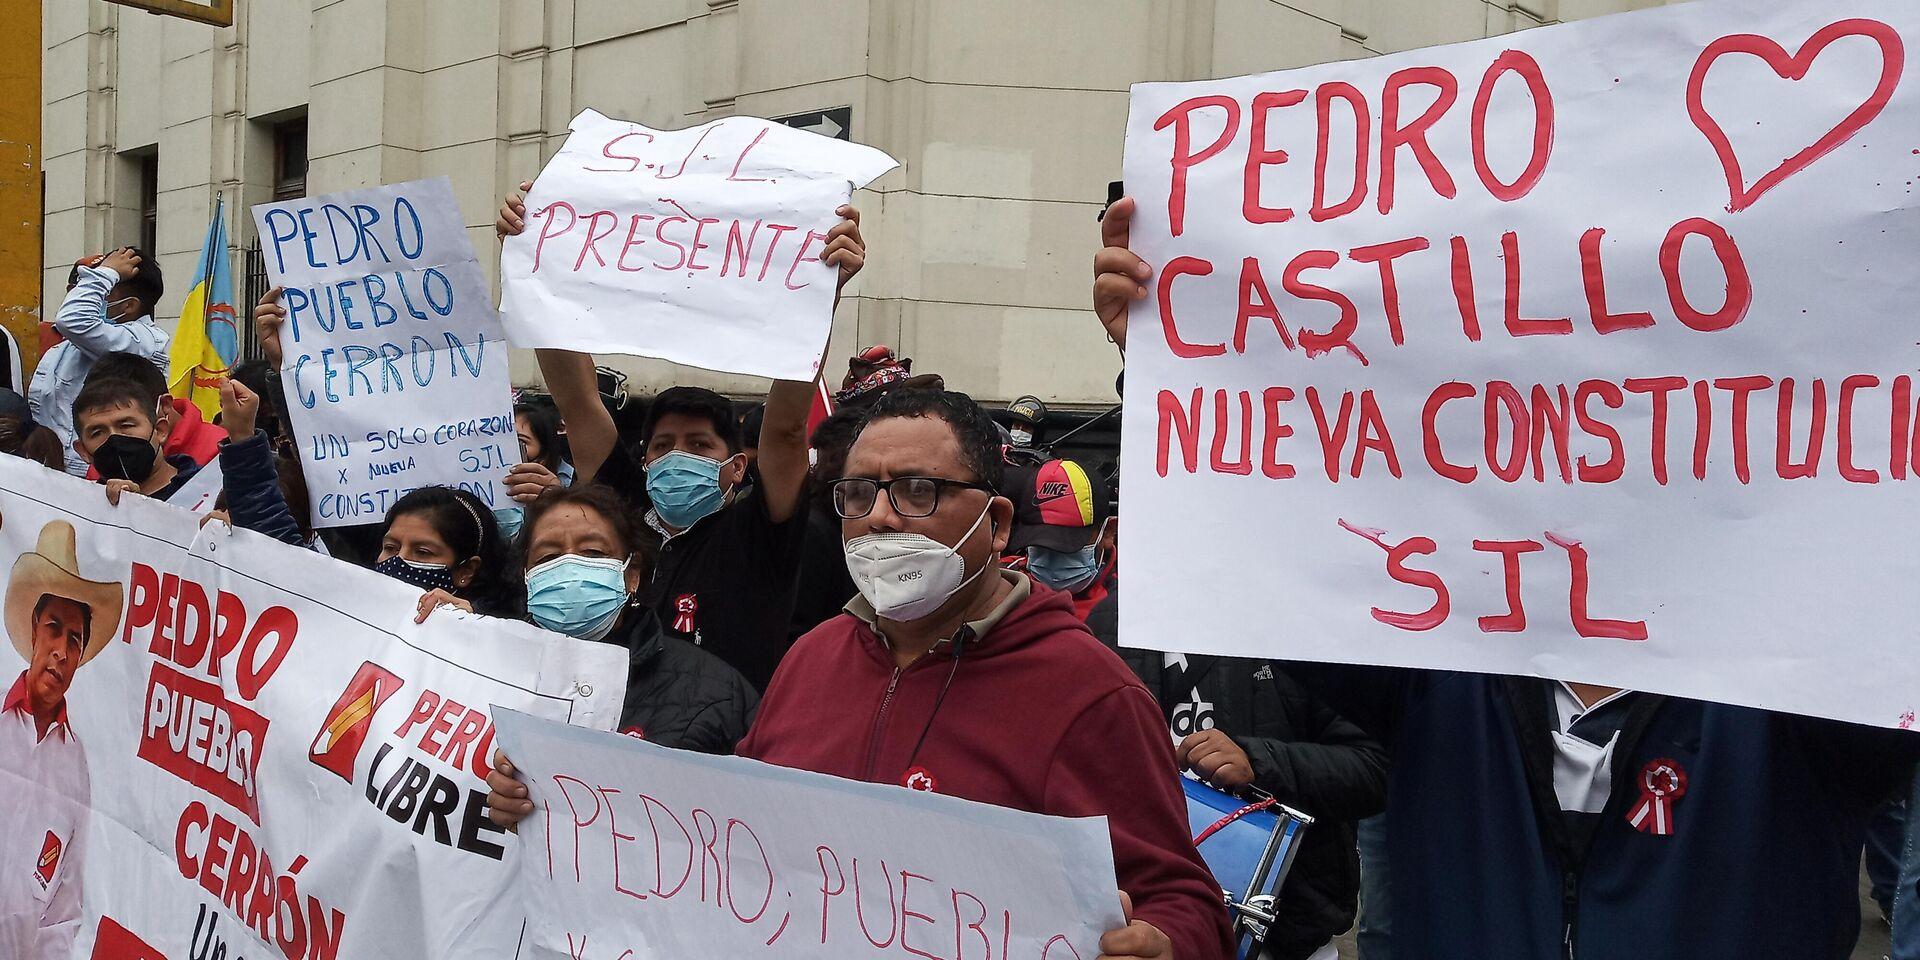 Apoyo a Castillo en las inmediaciones del Congreso - Sputnik Mundo, 1920, 29.07.2021